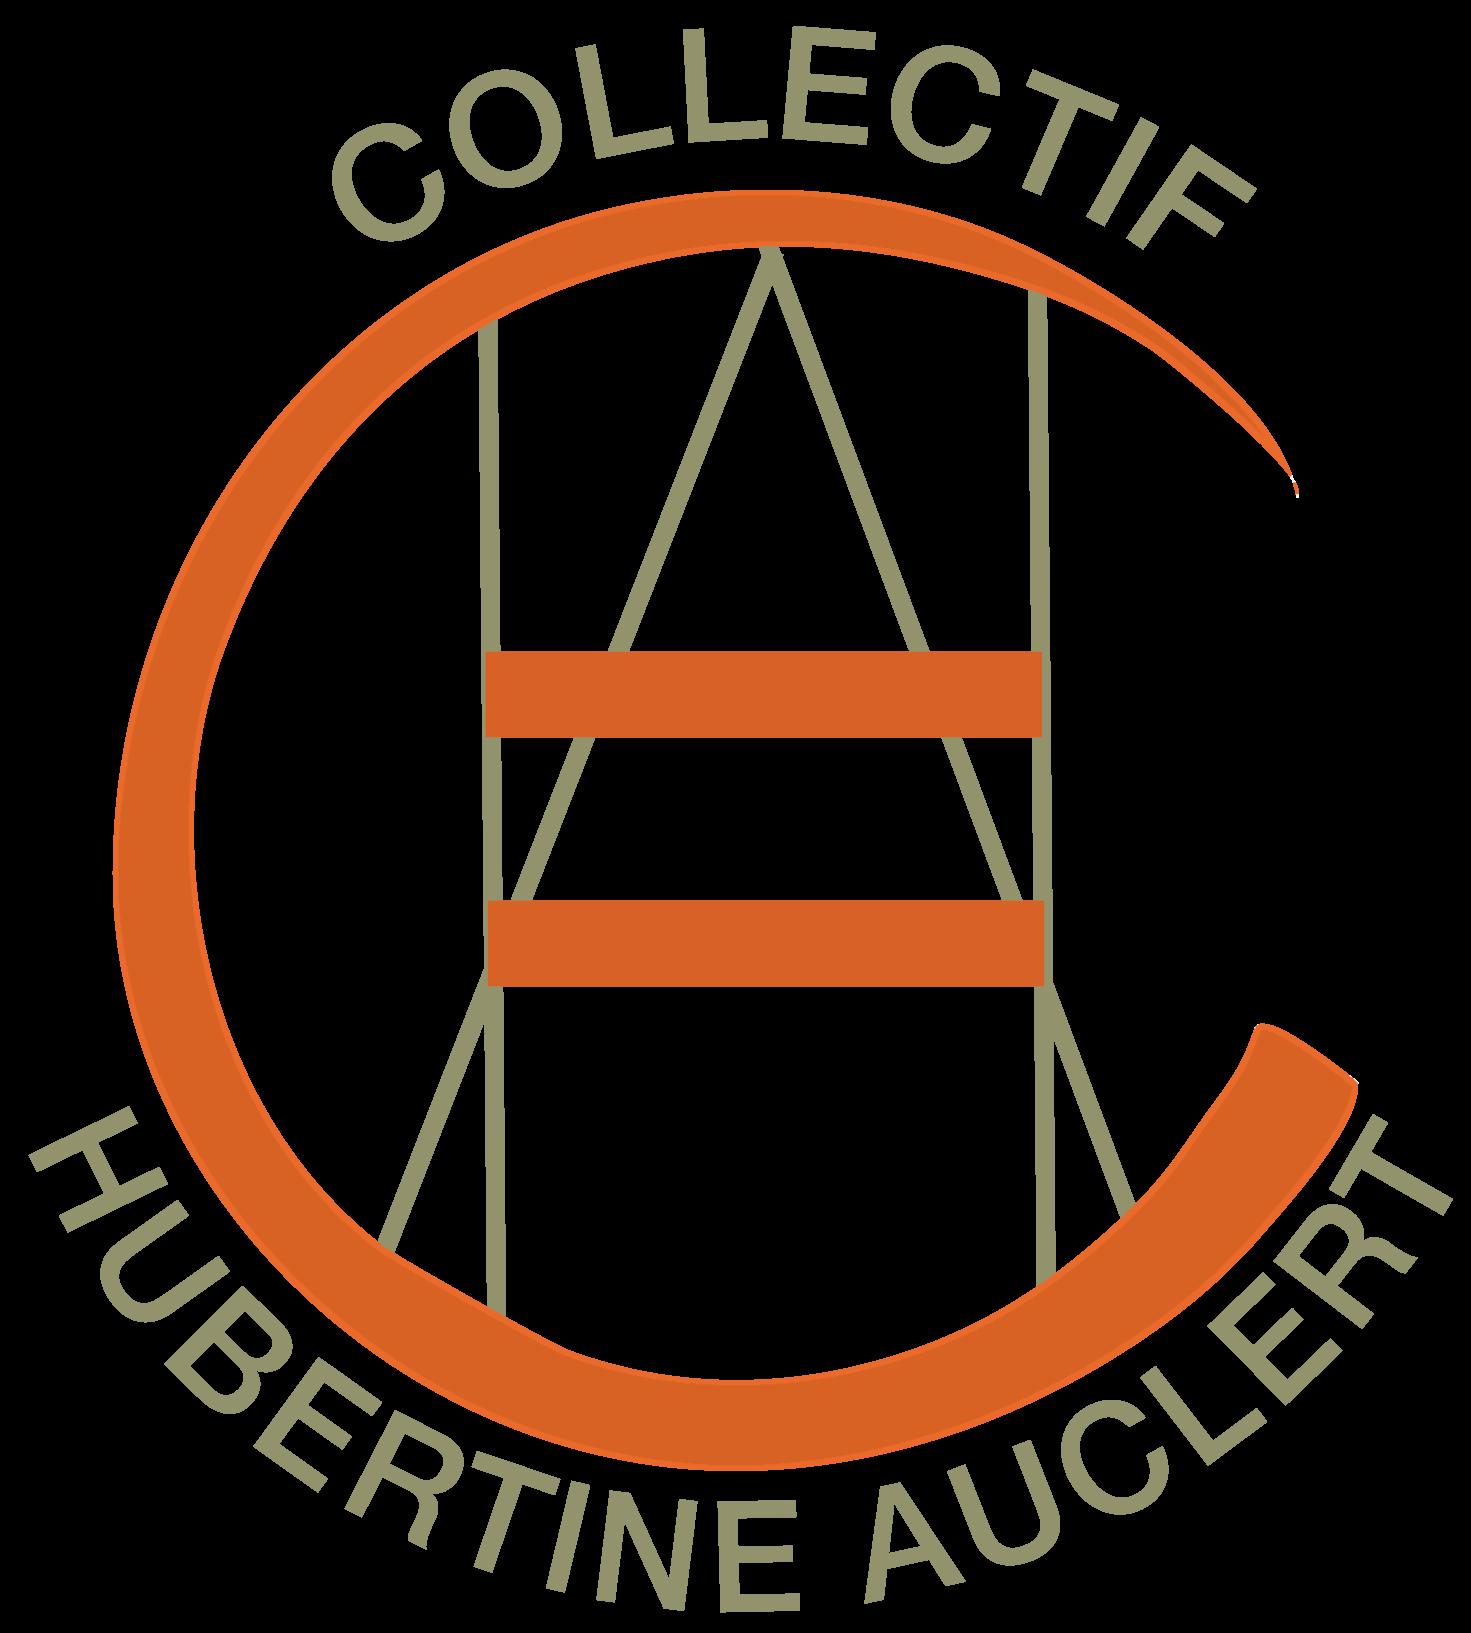 Une identité visuelle pour le Collectif Hubertine Auclert à découvrir...et à interpréter !